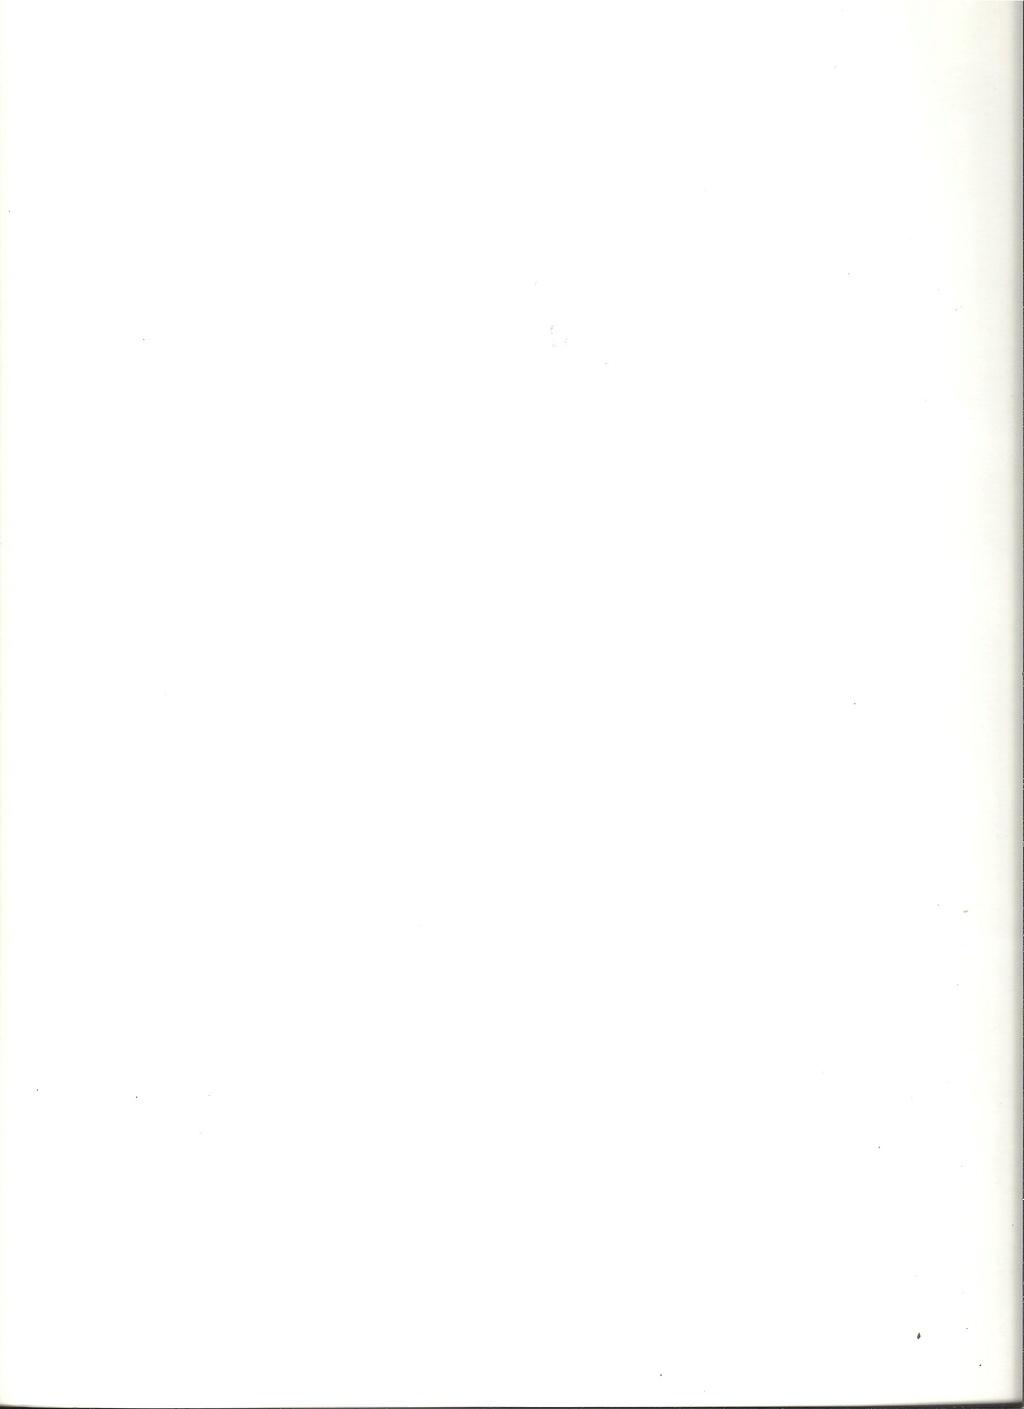 [LAROUSSE ] Maquette cartonnée n°1 SPAD VII au 1/30ème  Larous17